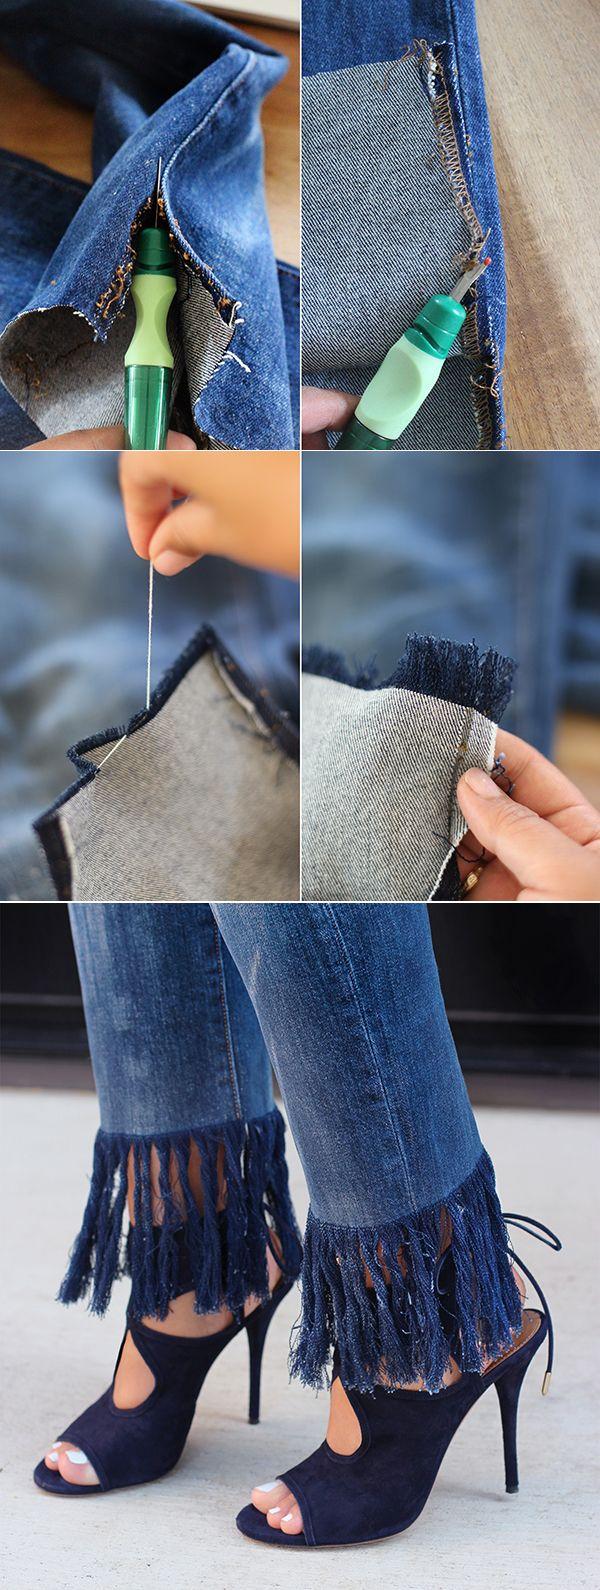 die besten 25 diy jeans ideen auf pinterest selbstgemachte kleidung diyzerrissene jeans und. Black Bedroom Furniture Sets. Home Design Ideas